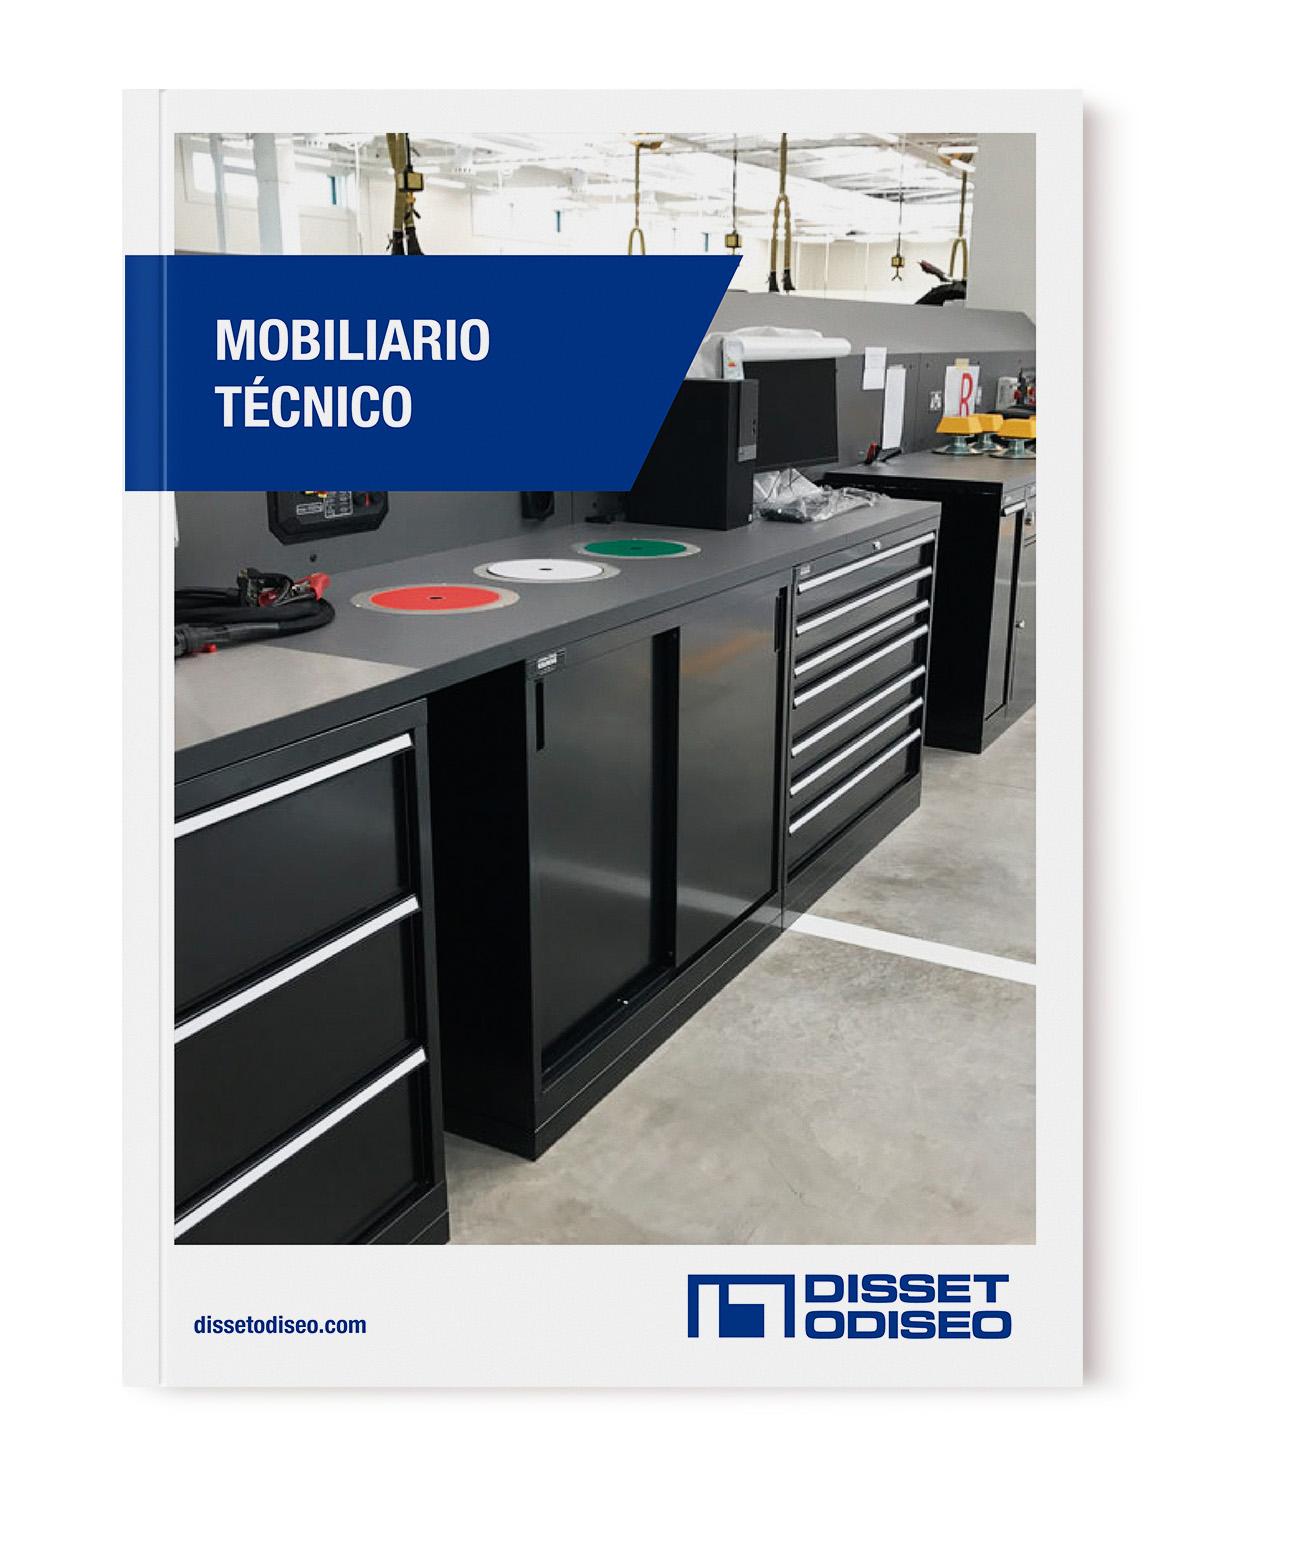 mobiliario-tecnico